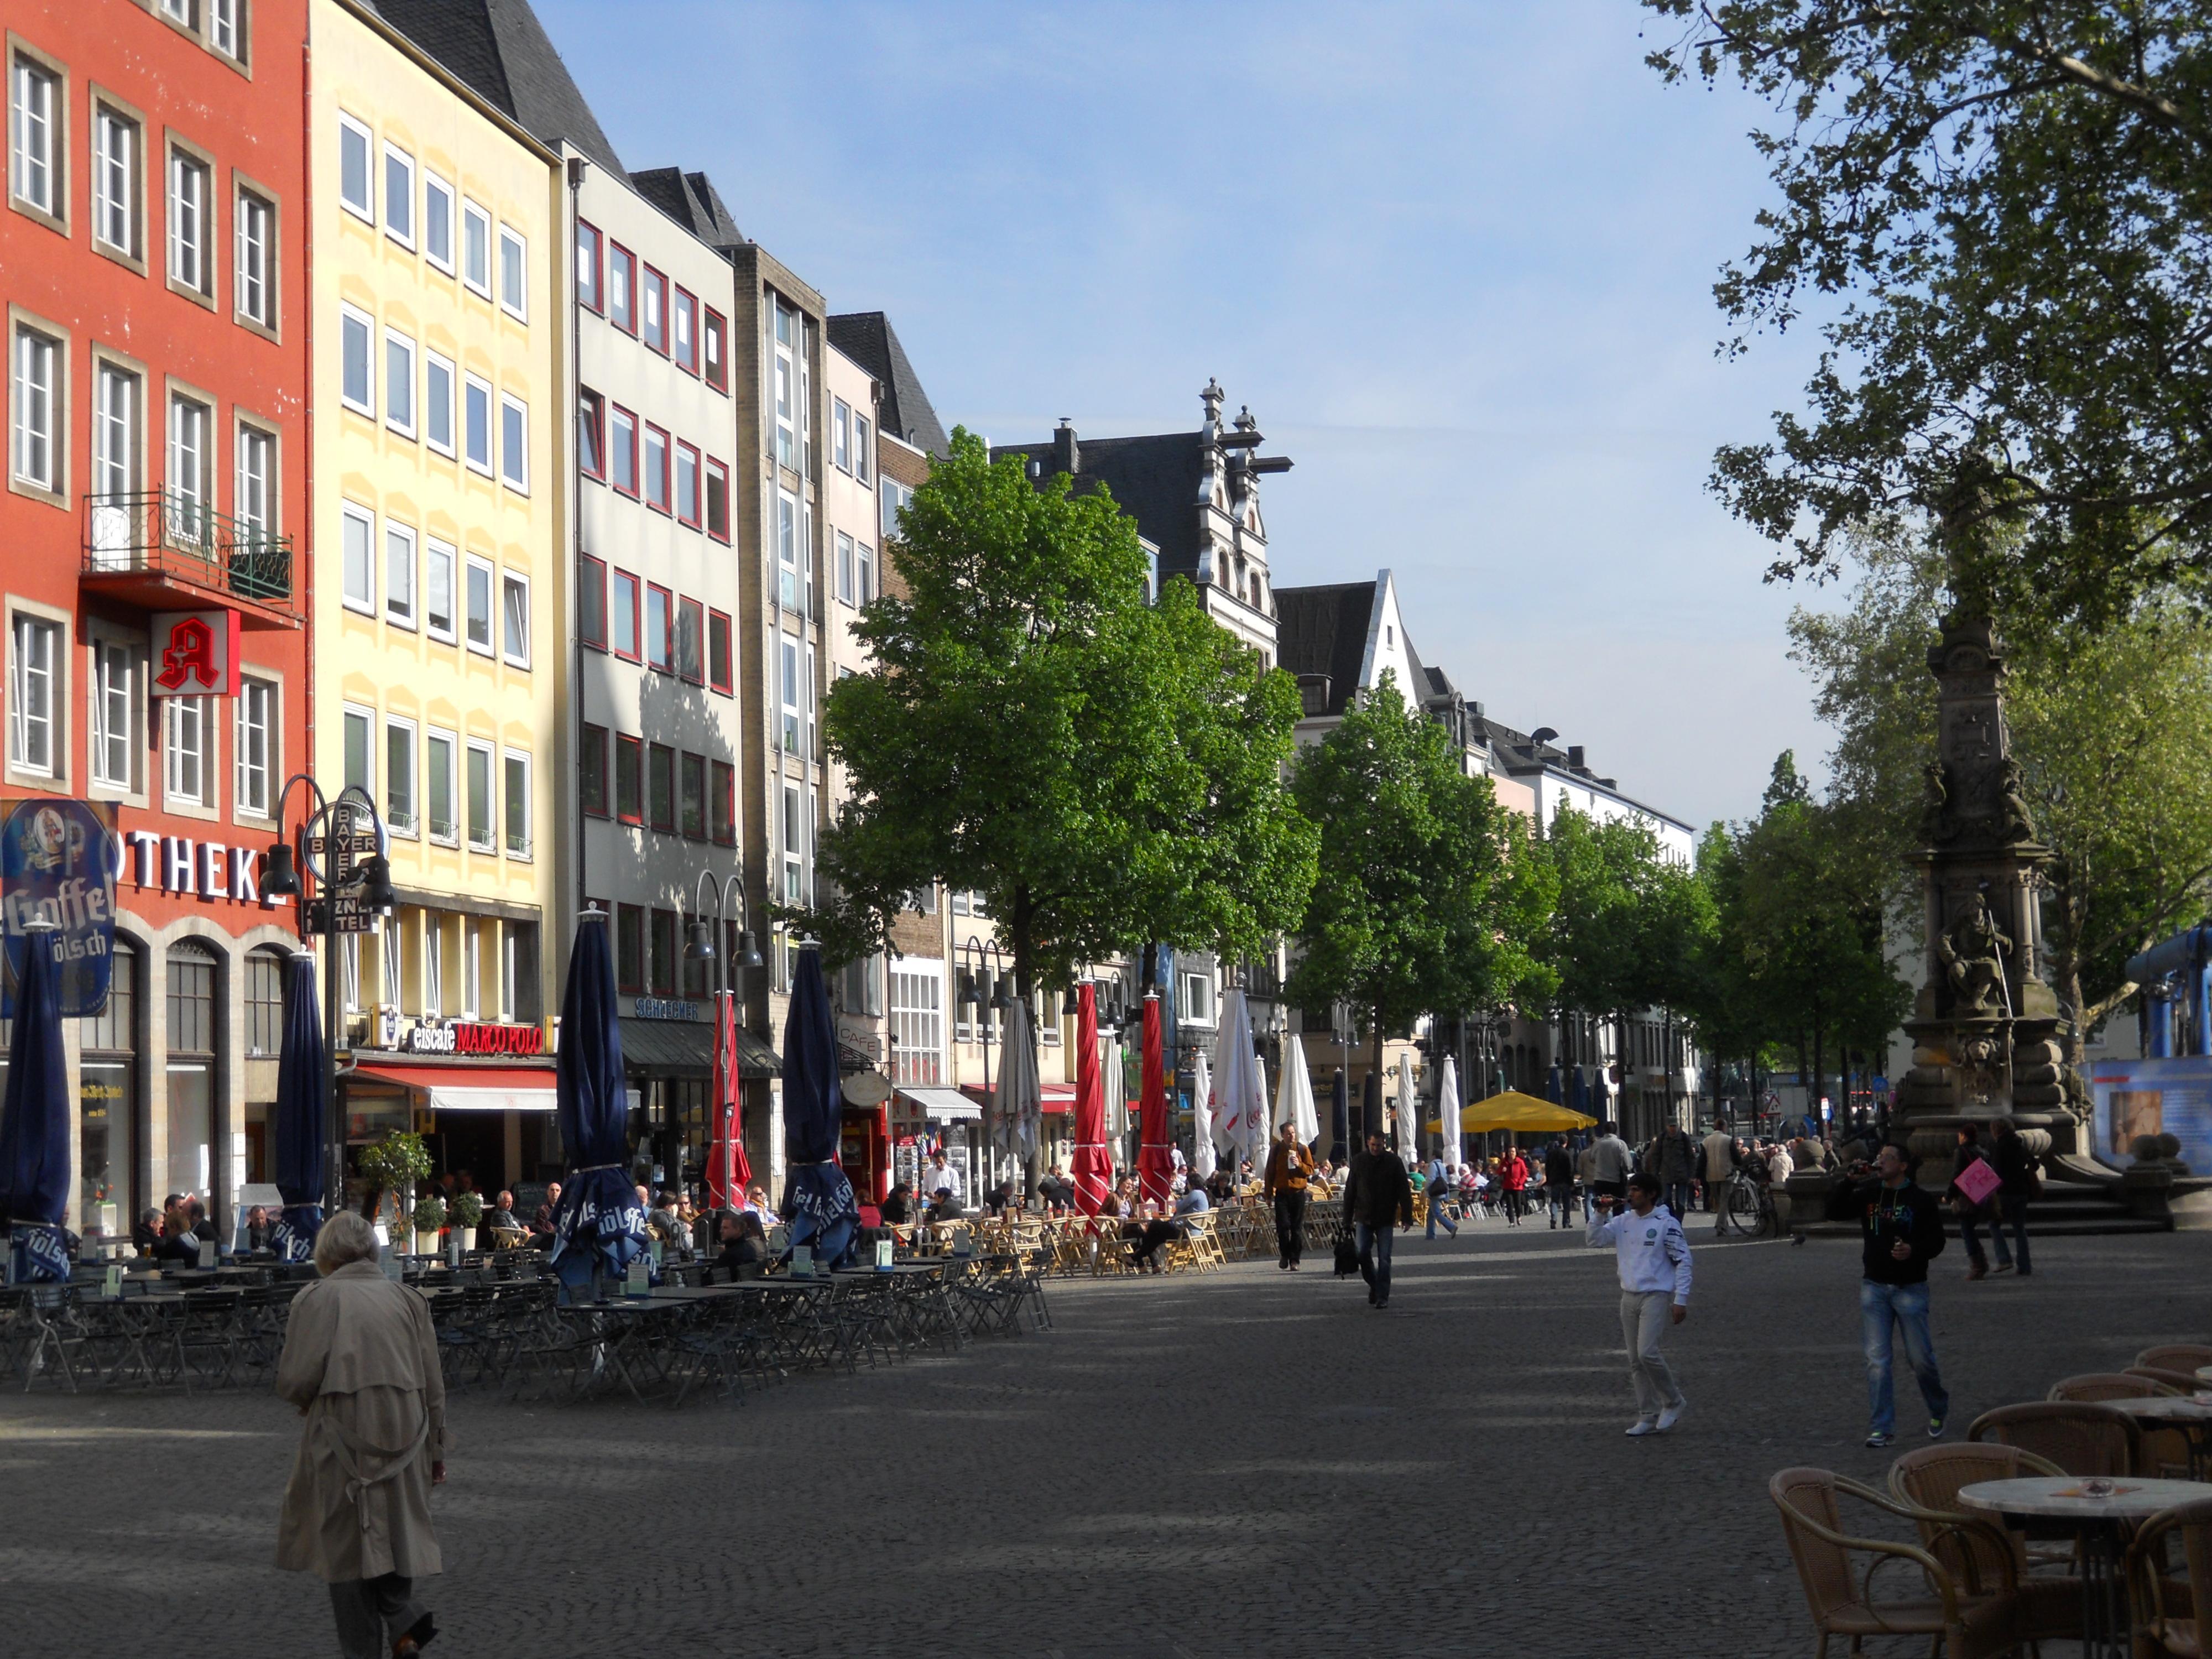 『駅前に大聖堂がそびえ立つケルン』ケルン(ドイツ)の旅行記 ...